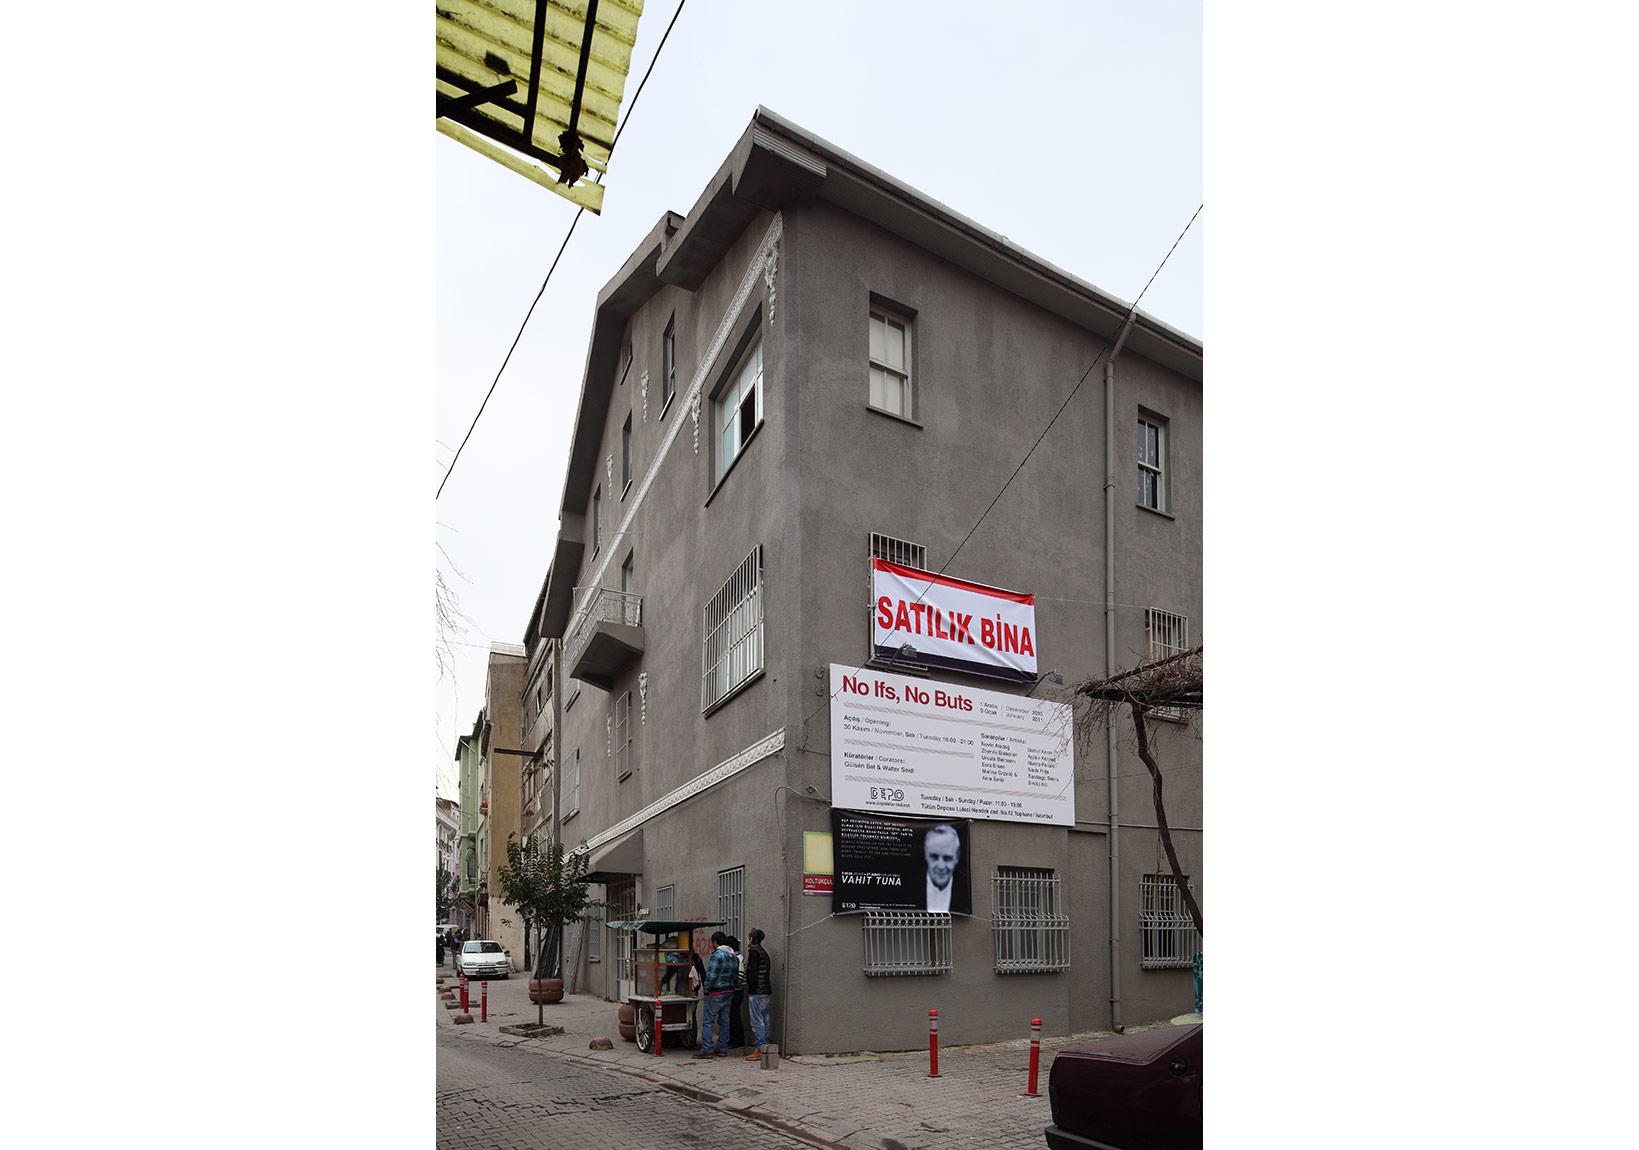 Satılık Bina, 2011, Tophane Tütün DeposuOn sale building, 2011++++PosterFotoğraf, Photo: Vahit Tuna